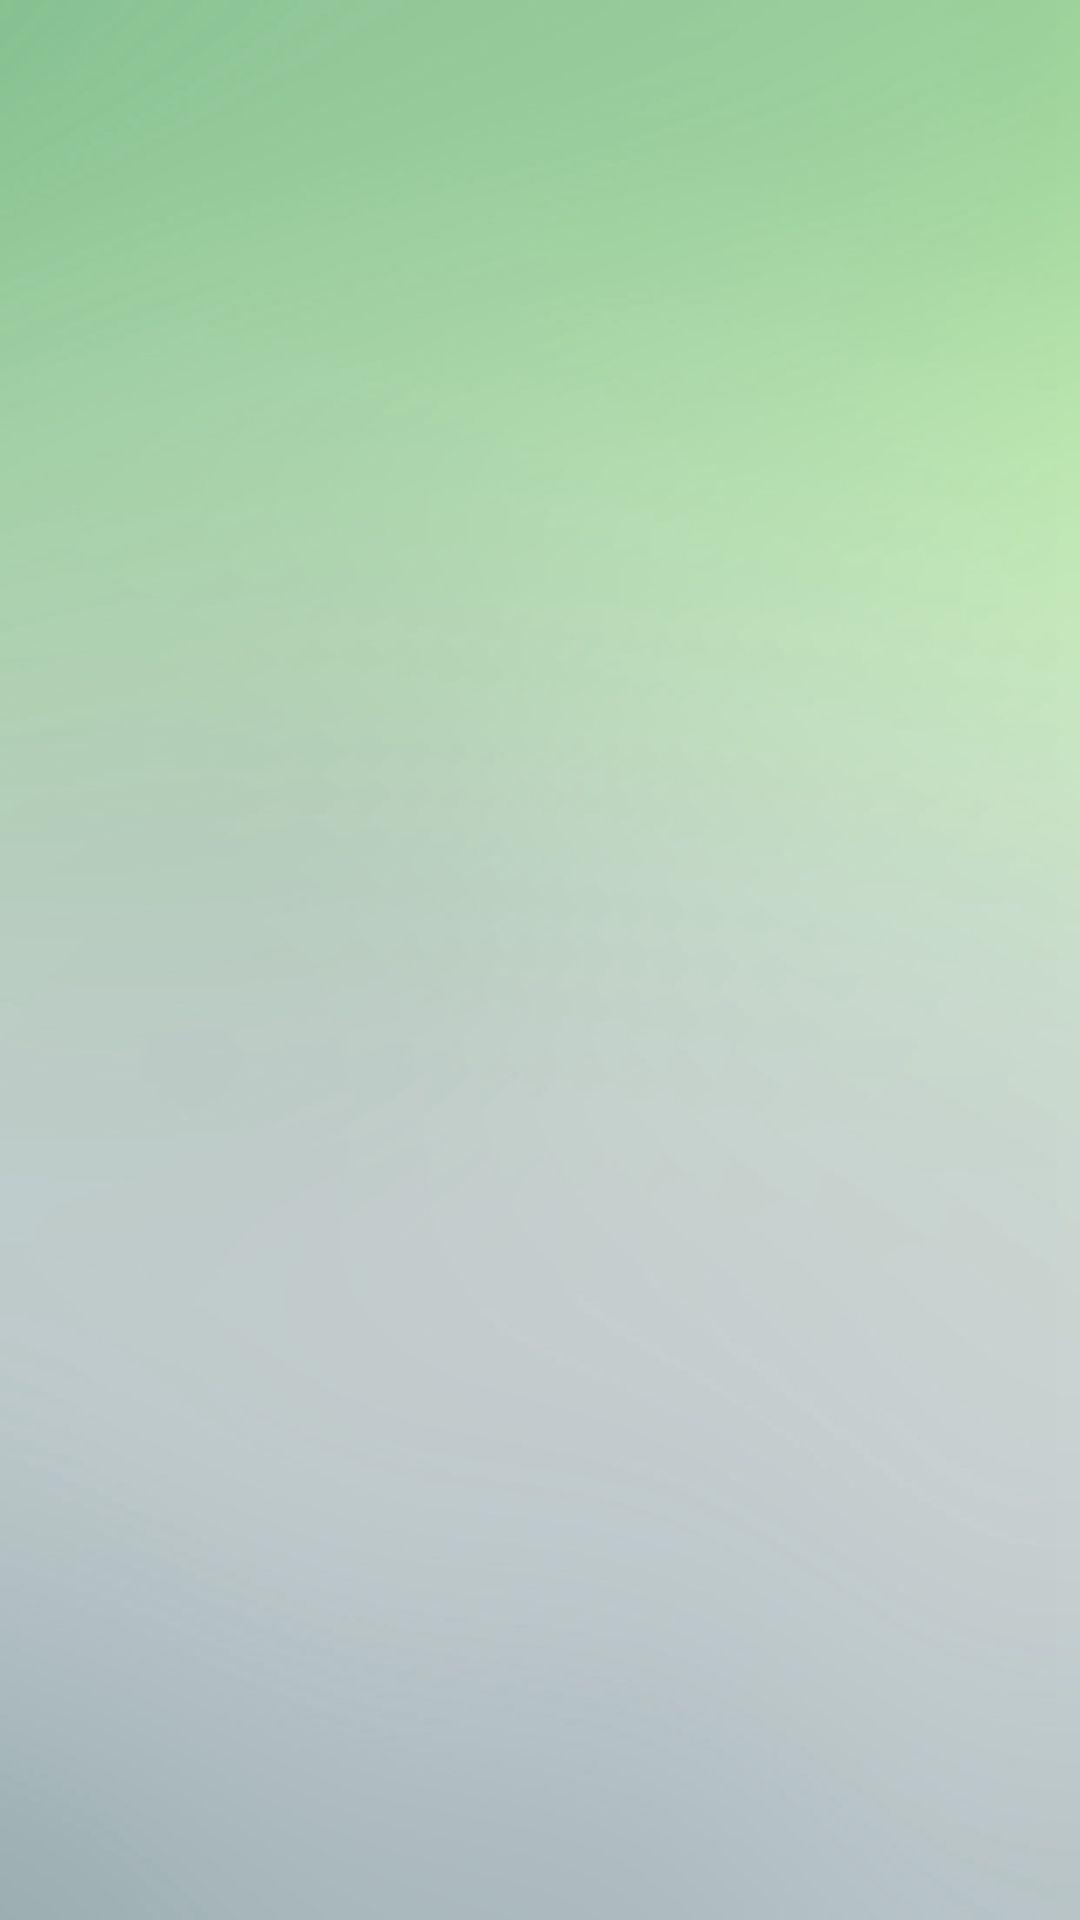 Wallpaper iphone soft - Green Guitar Soul Soft Gradation Blur Iphone 6 Wallpaper